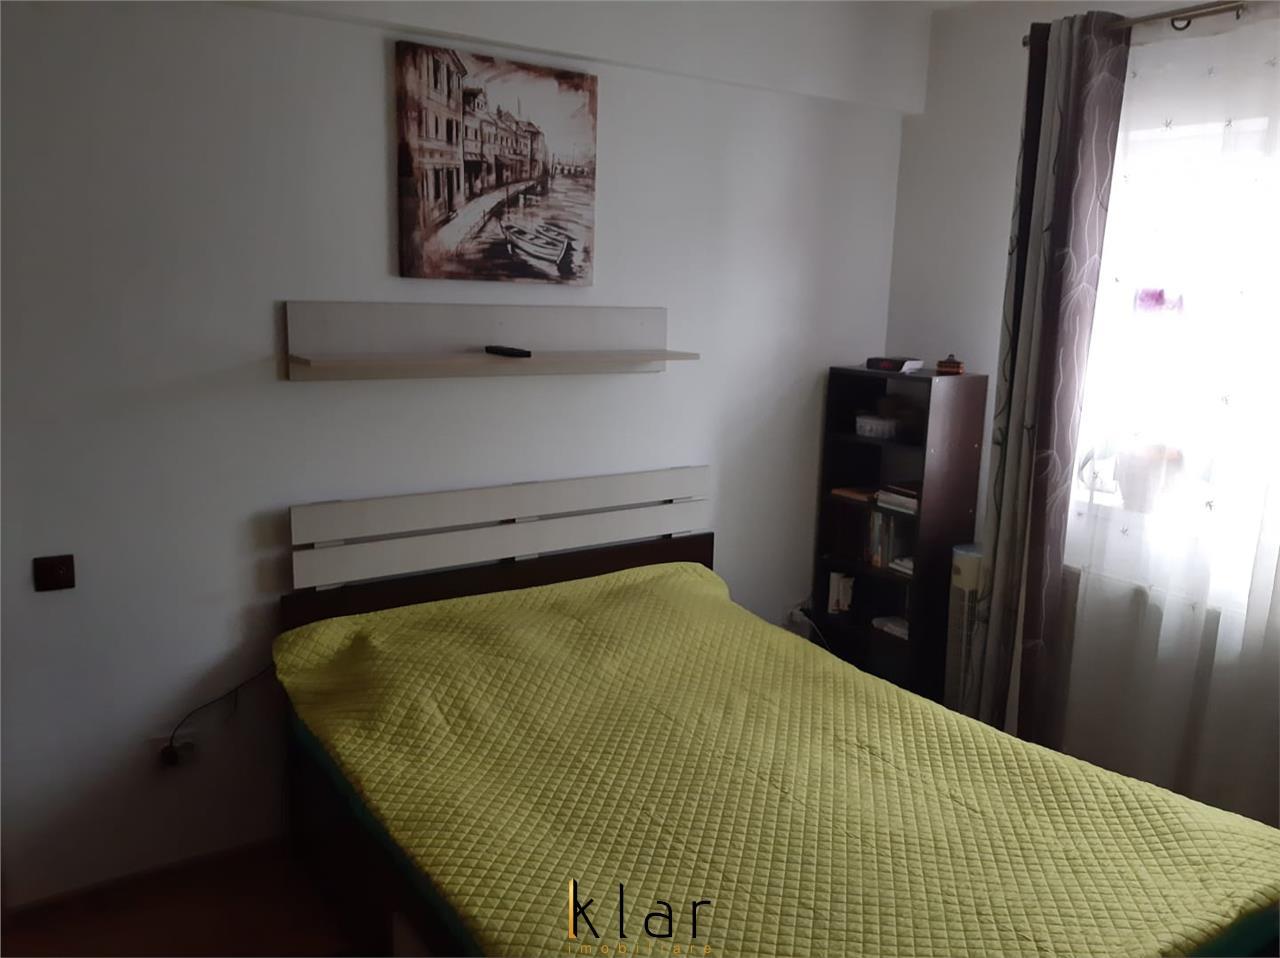 Apartament 2 camere, complet mobilat si utilat, zona Eroilor